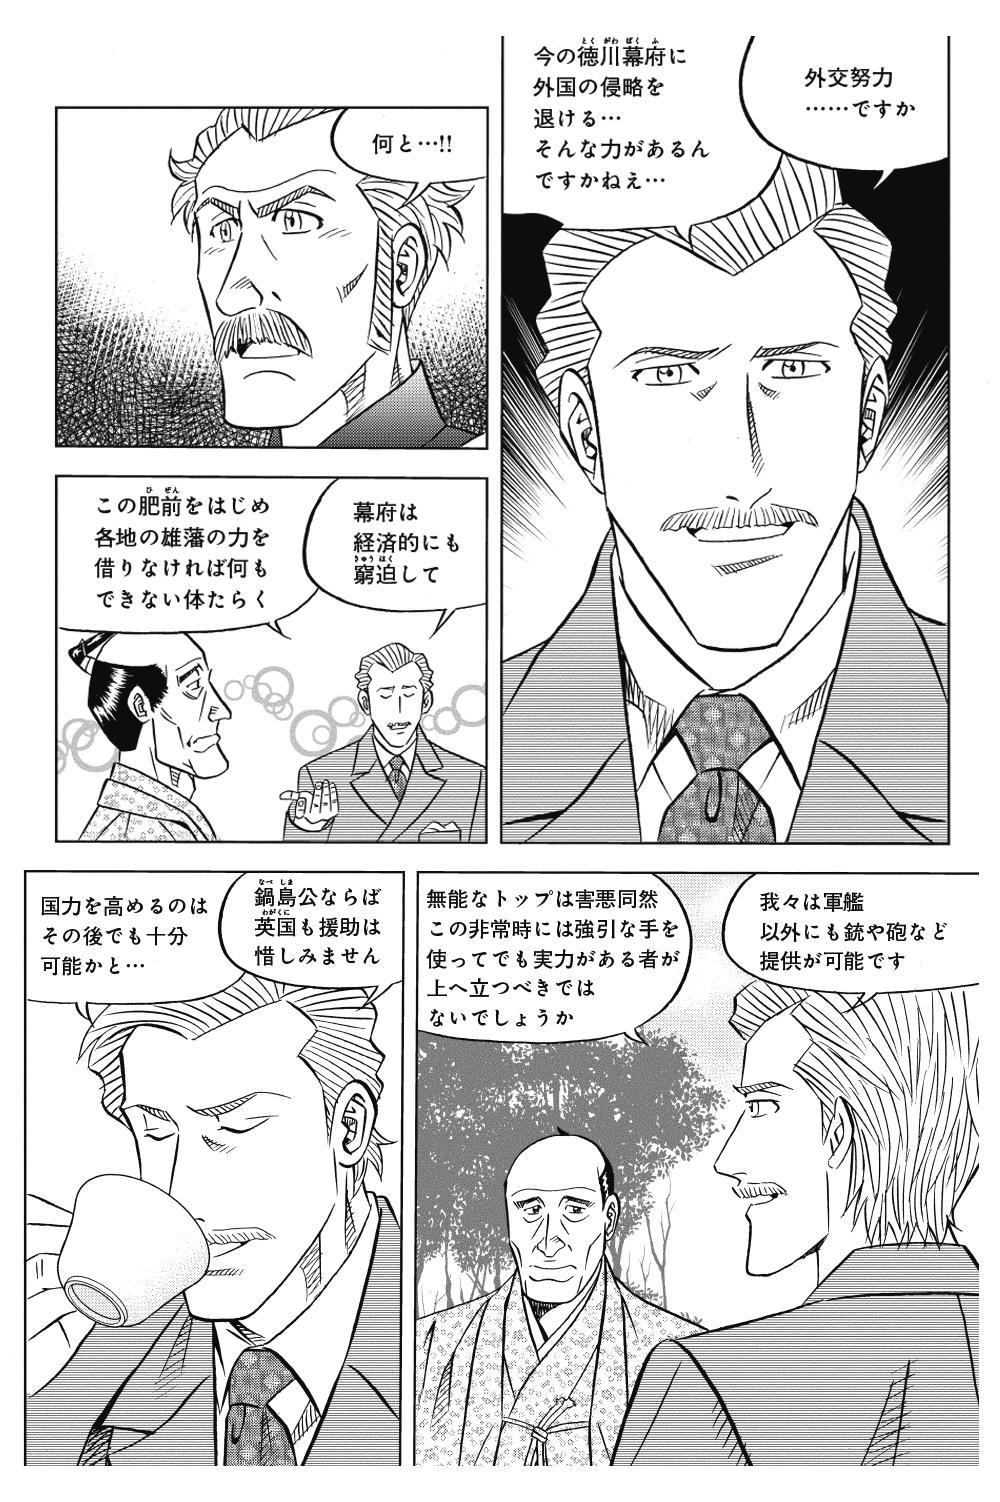 ミスター味っ子 幕末編 第2話「列強襲来」①ajikko2-1-14.jpg